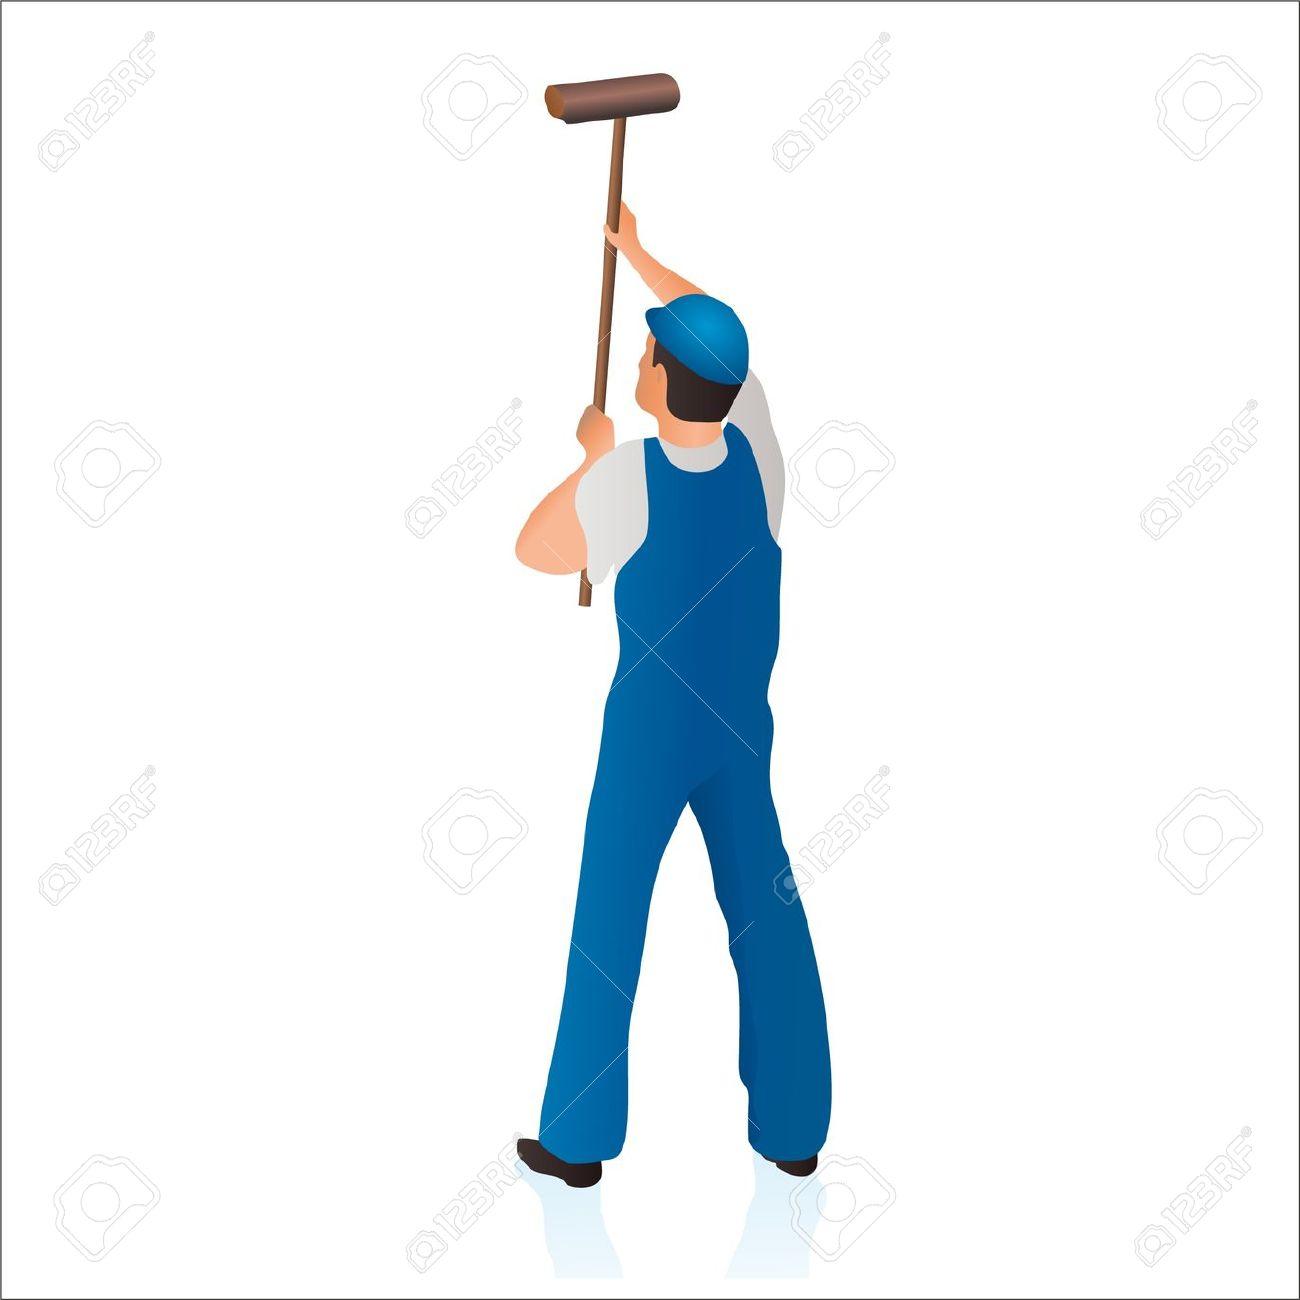 Limpiador Profesional De Limpiar La Pared Con Un Hisopo.